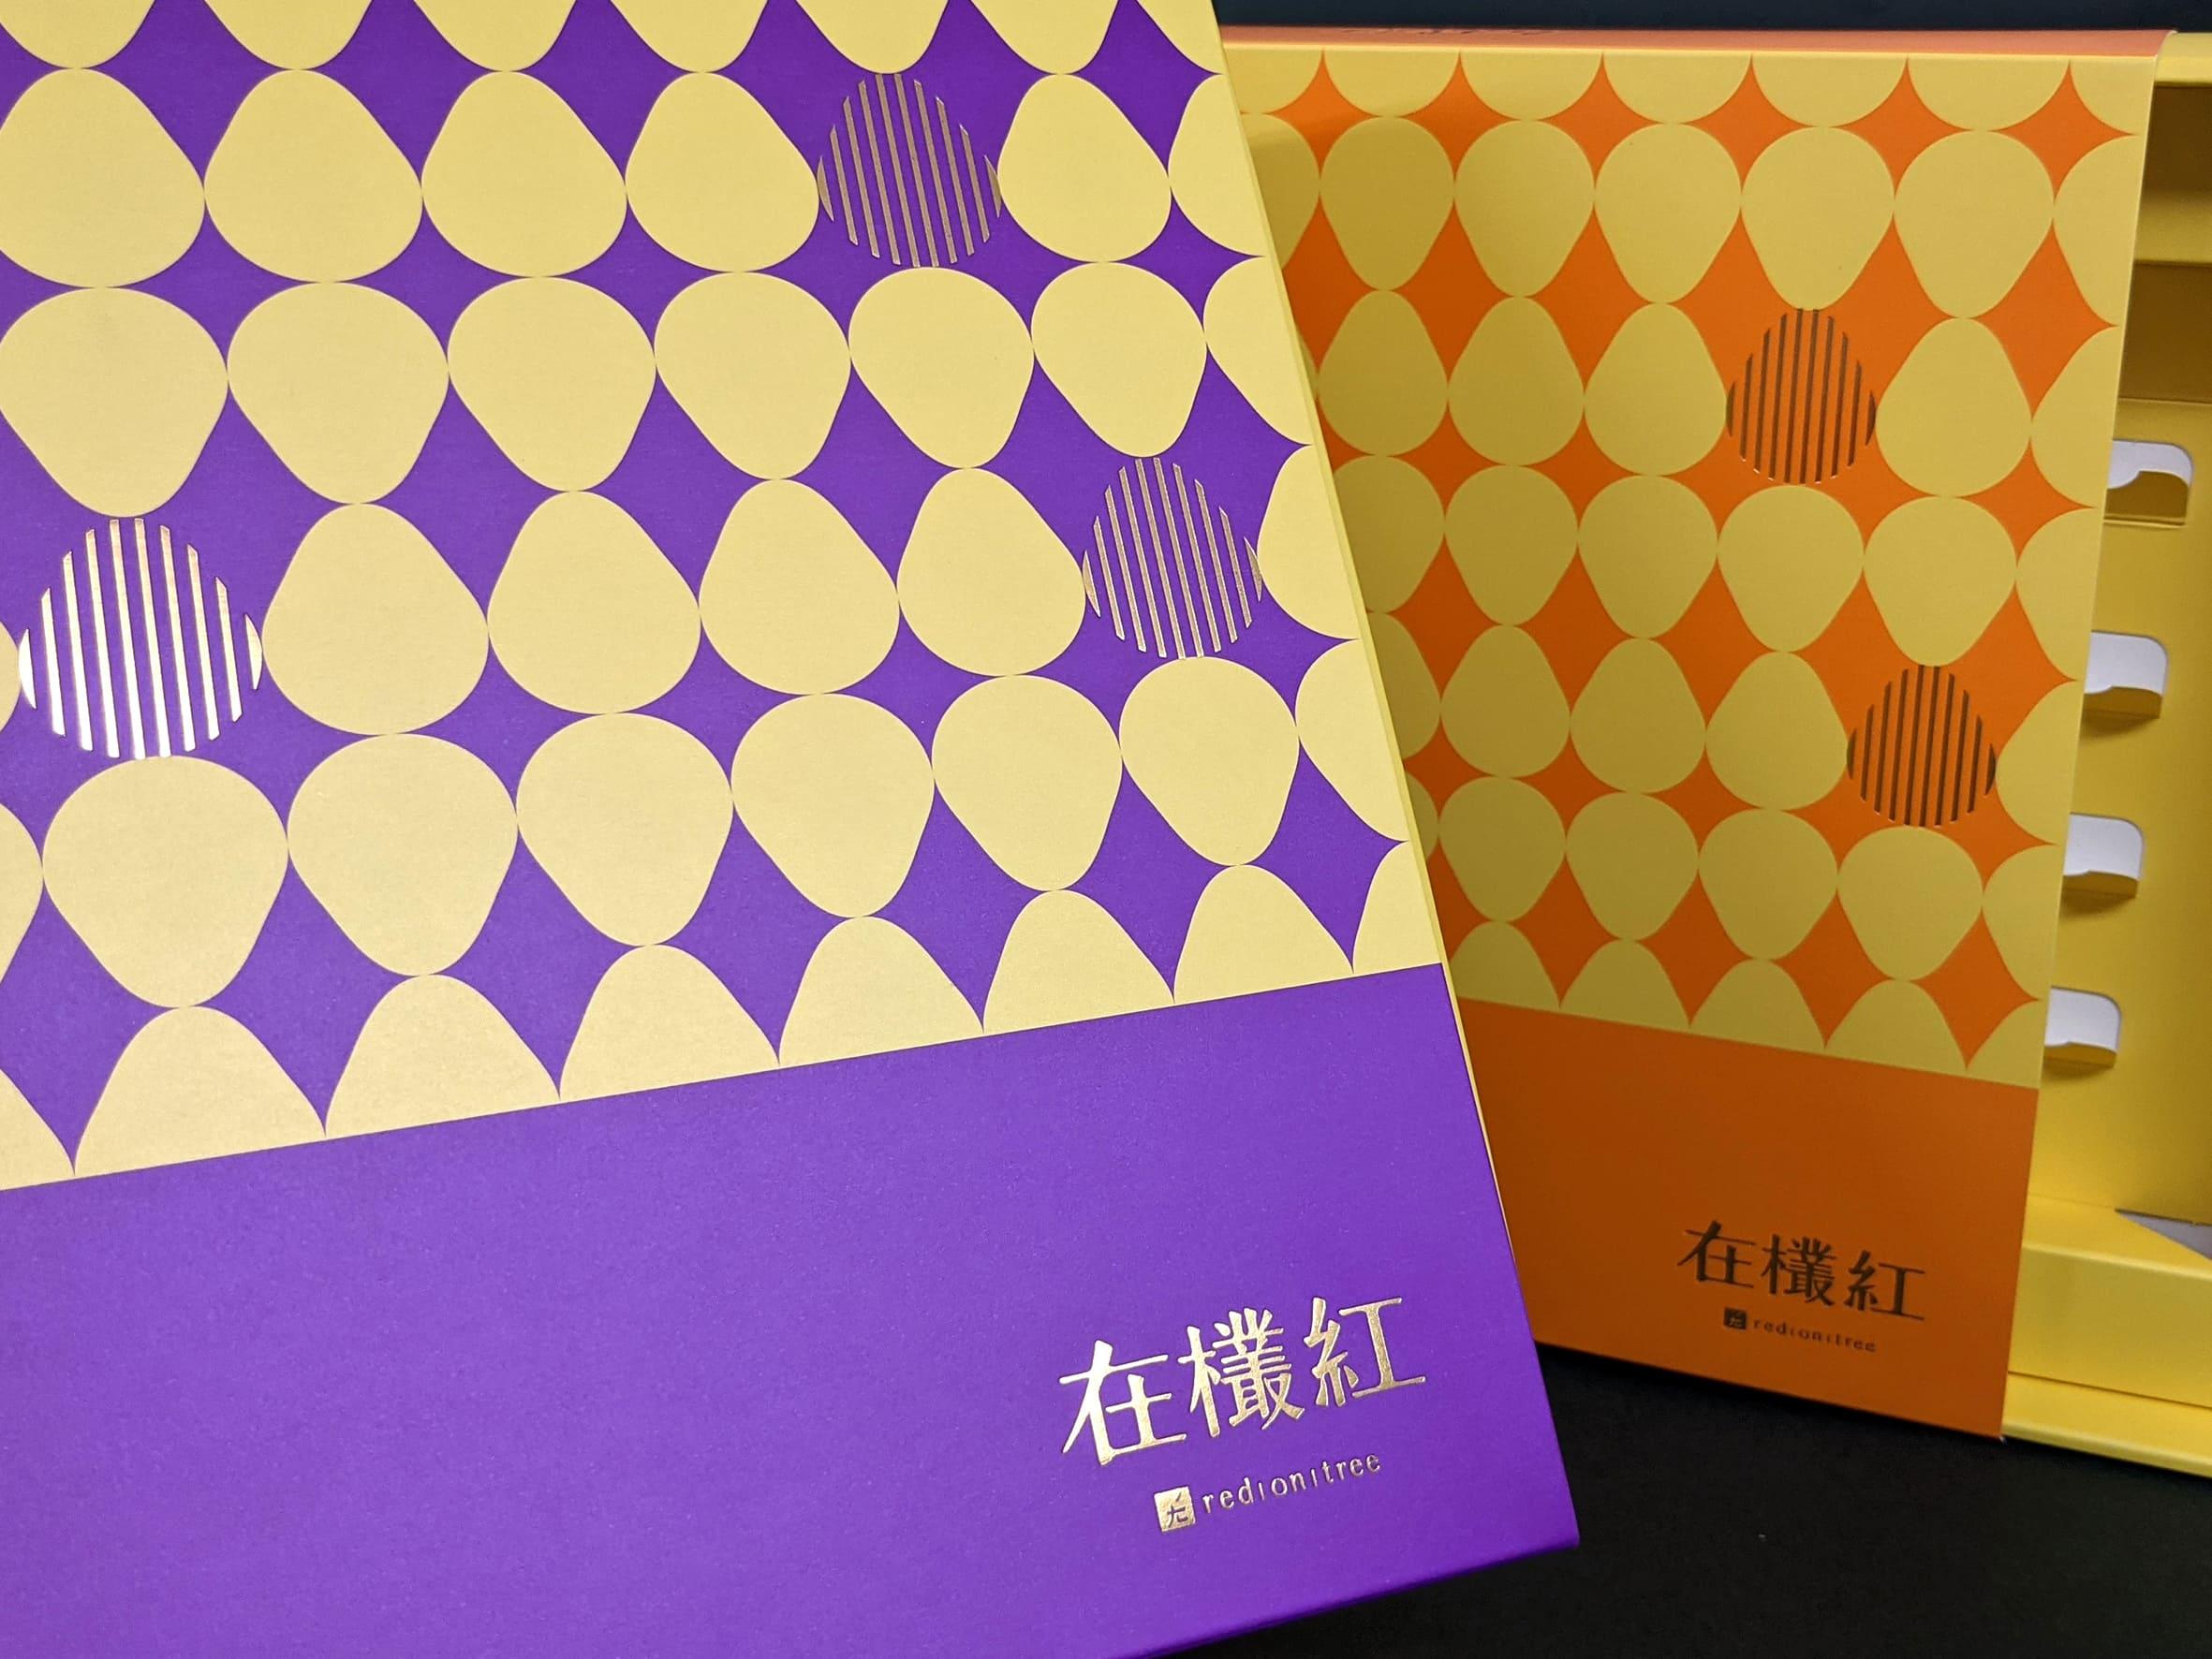 果醬袖套盒組,抽屜盒,特別色印刷,霧光,燙金